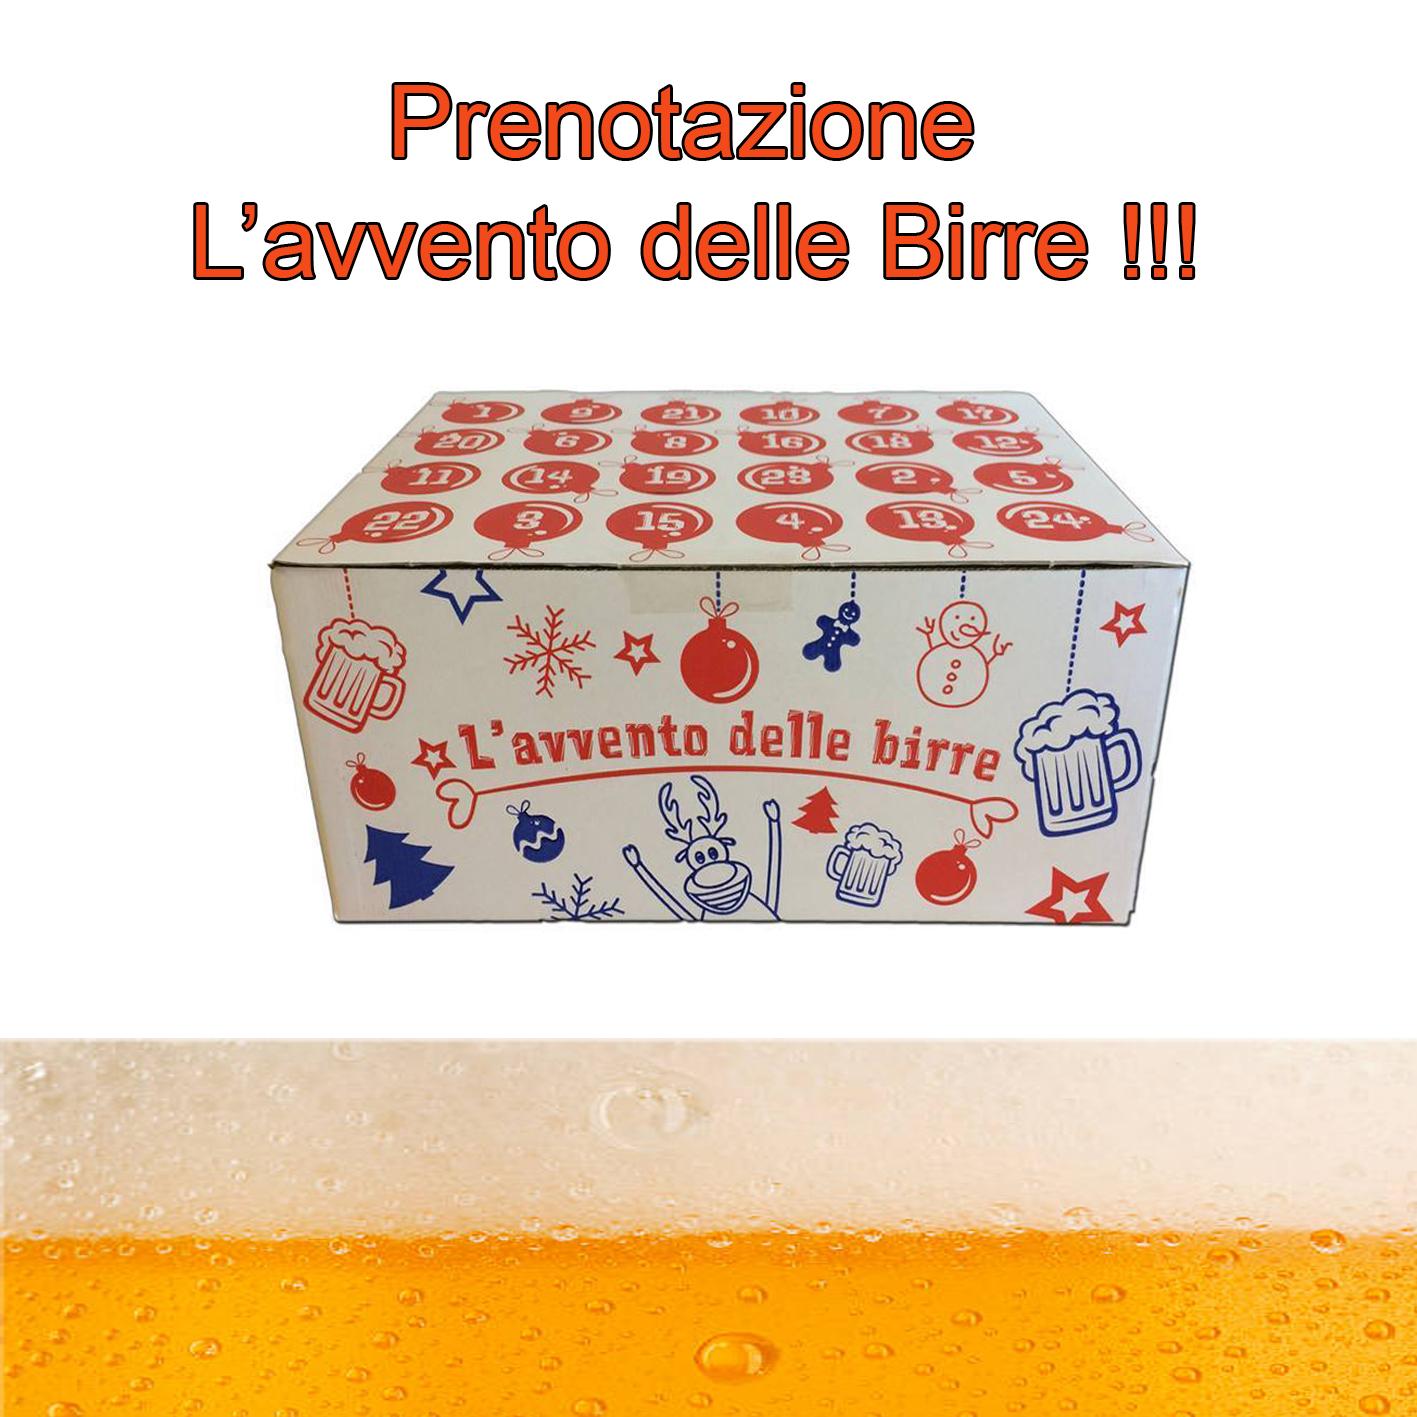 Calendario Avvento Birra.Prenotazione Calendario L Avvento Delle Birre 2018